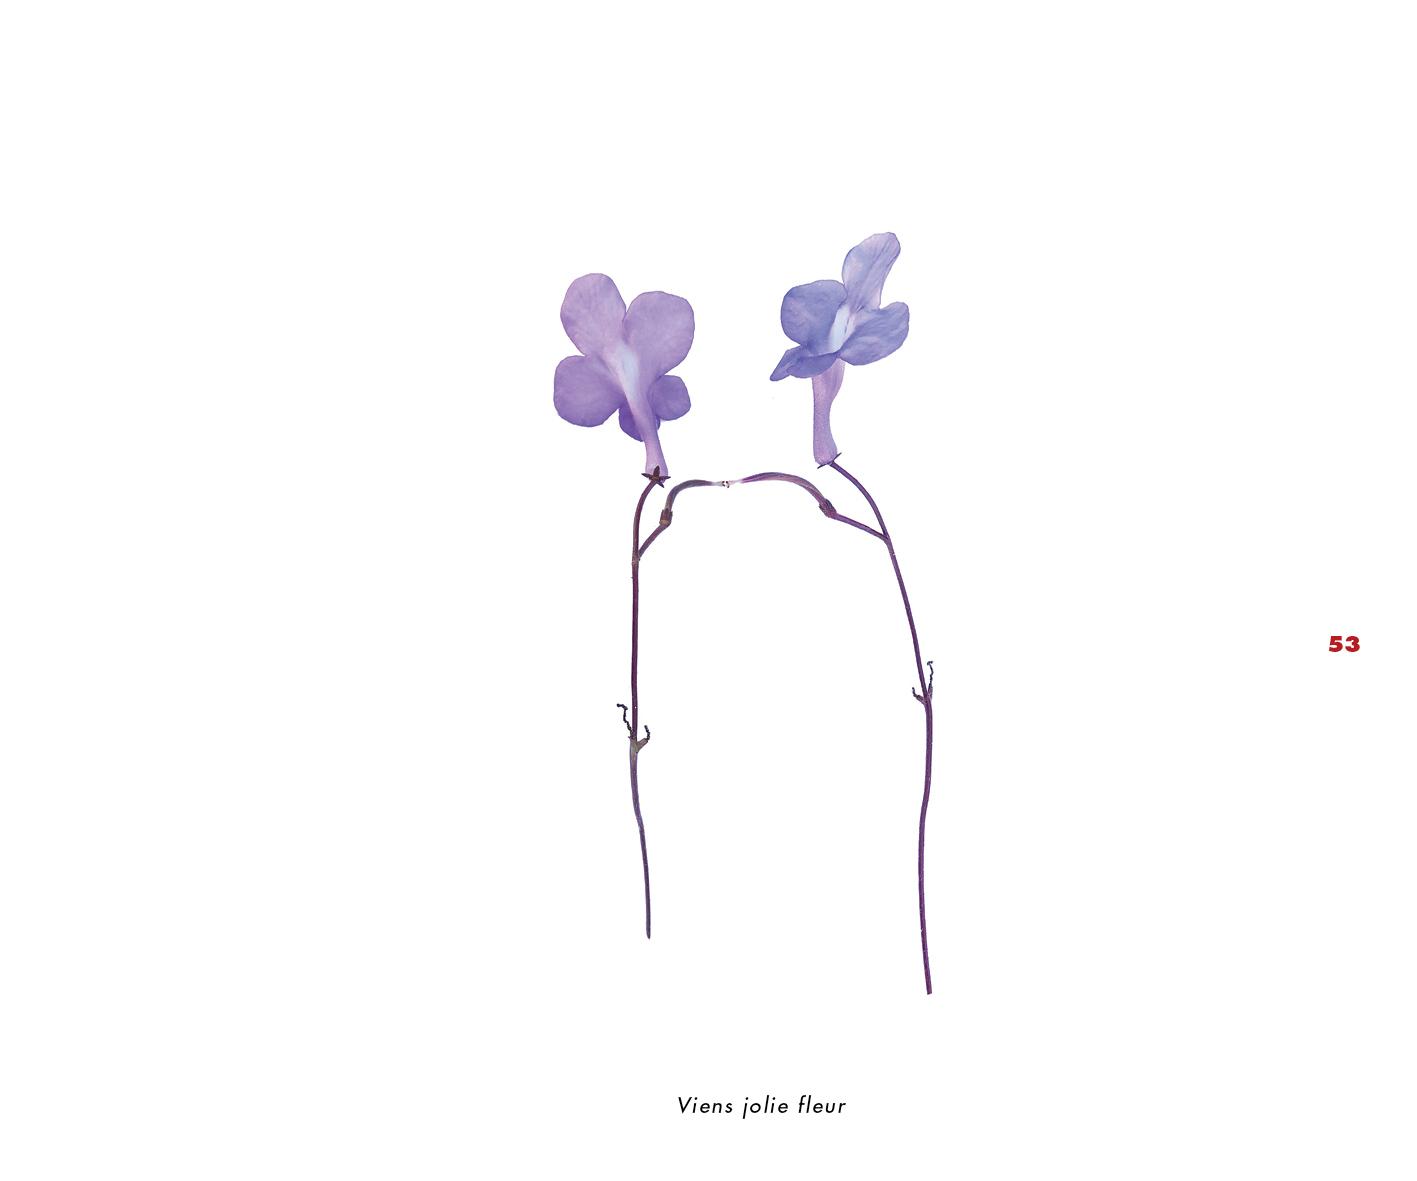 Fleurs et jardins imaginaires 53